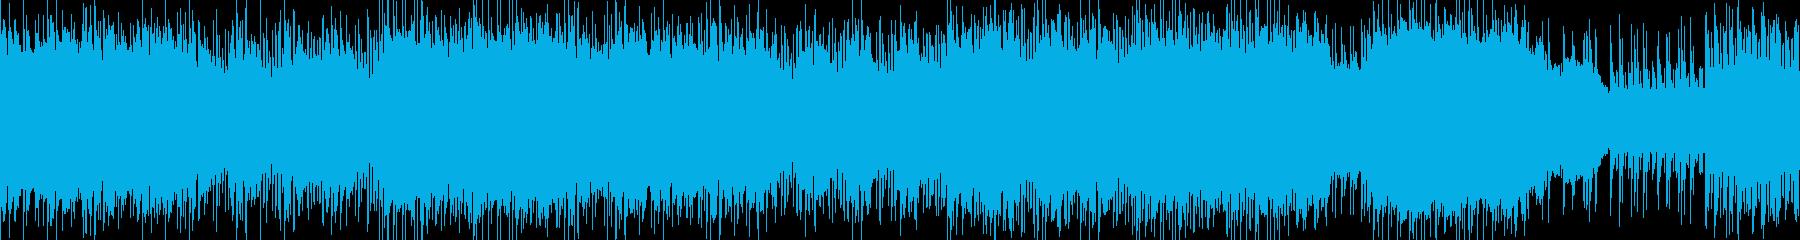 特訓中に流れるロックの再生済みの波形